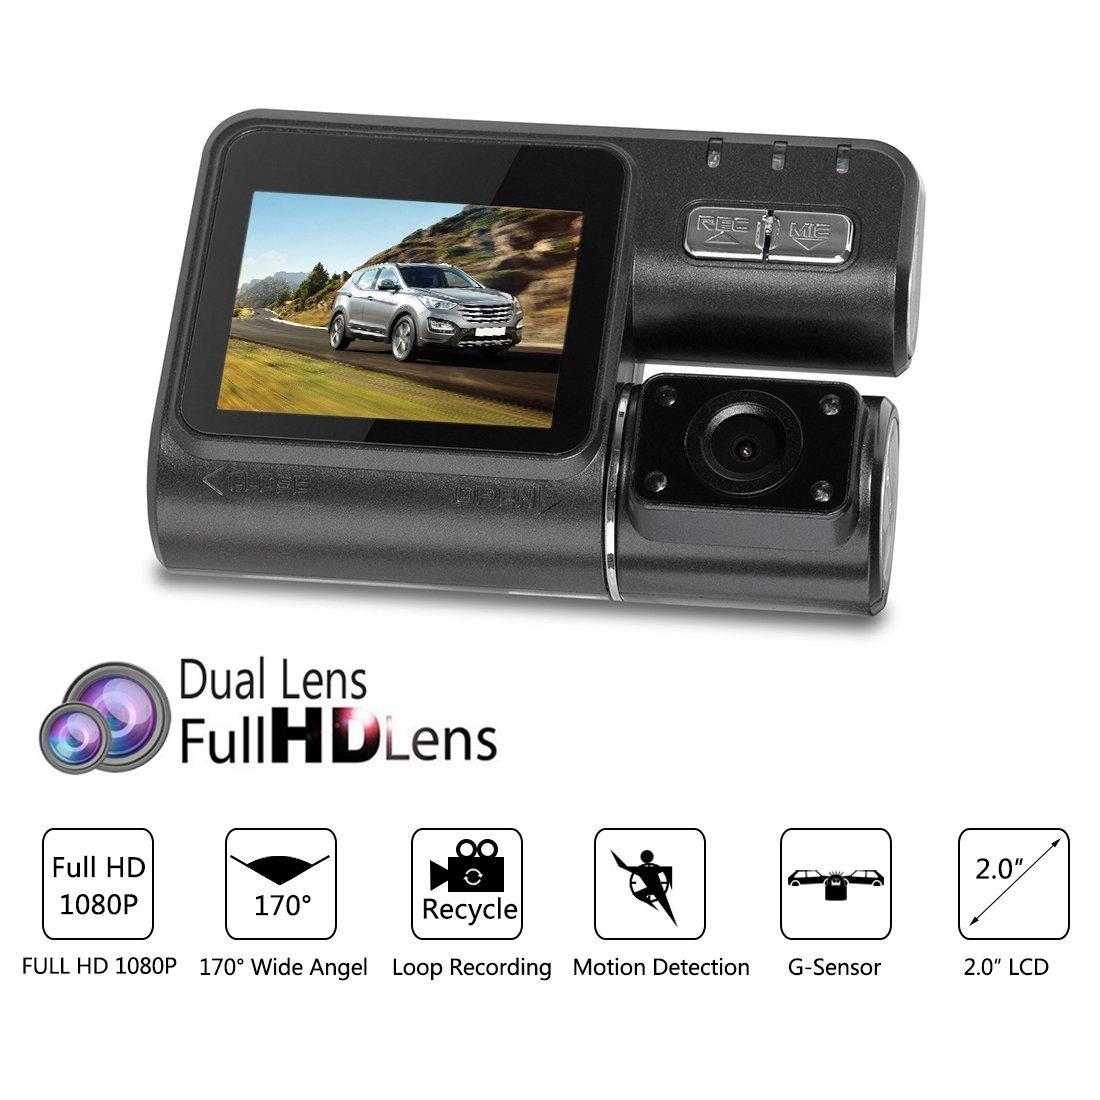 ... 1080P 170 Amplio Ángulo de cámara Dual conducción de automóviles de vídeo grabadora Digitial Dash Cam w G-Sensor de detección de movimiento de grabación ...